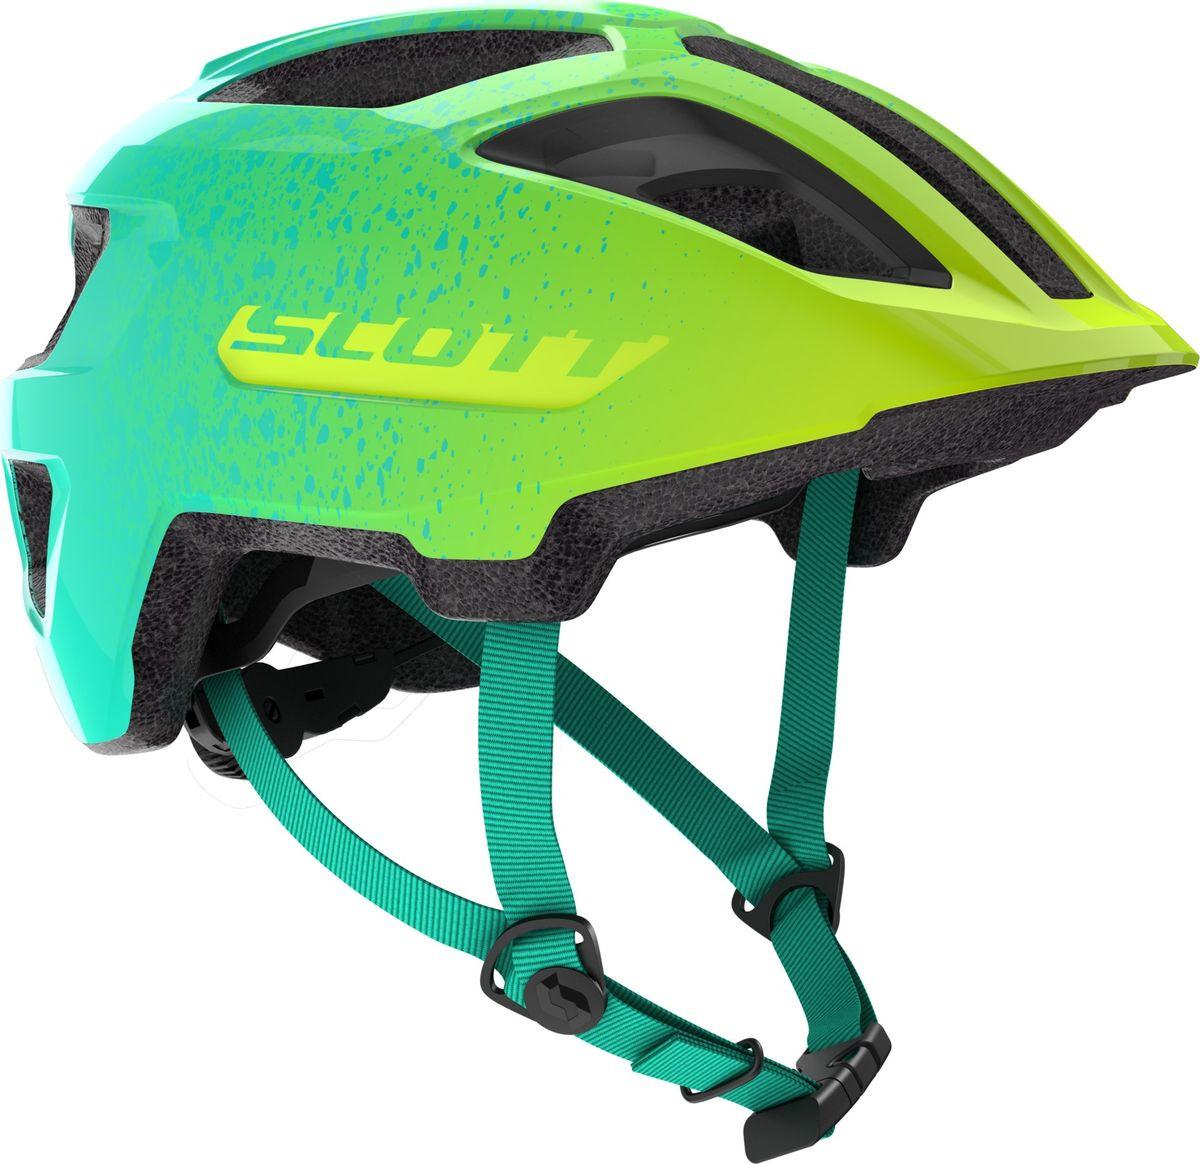 все цены на Шлем защитный Scott Spunto Junior, 270112-6163, желтый онлайн